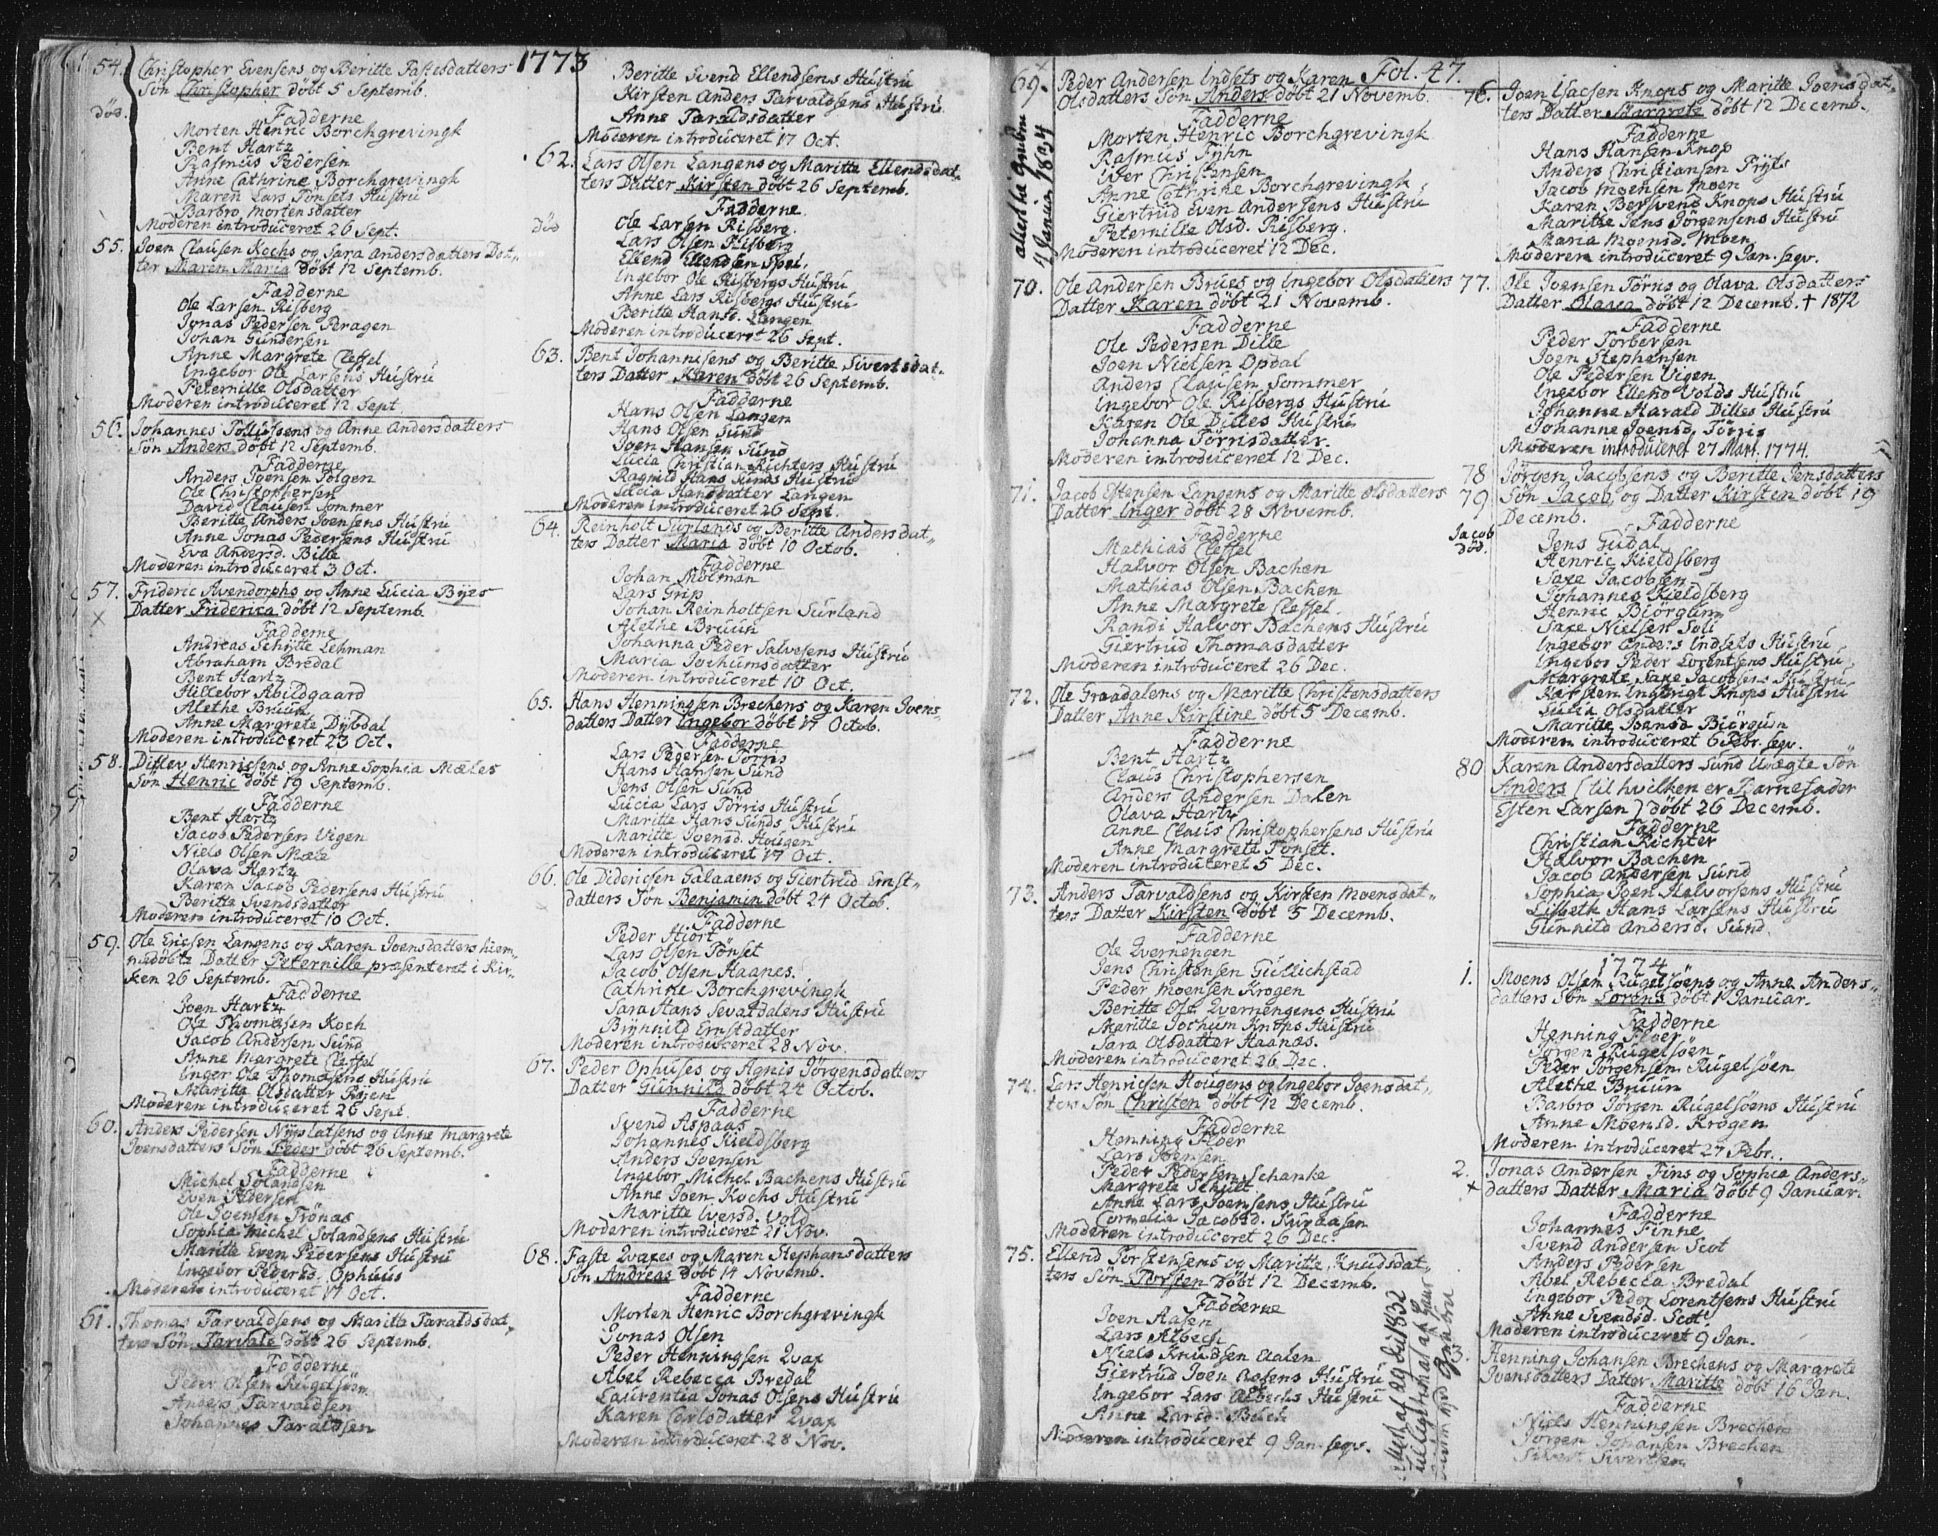 SAT, Ministerialprotokoller, klokkerbøker og fødselsregistre - Sør-Trøndelag, 681/L0926: Ministerialbok nr. 681A04, 1767-1797, s. 47